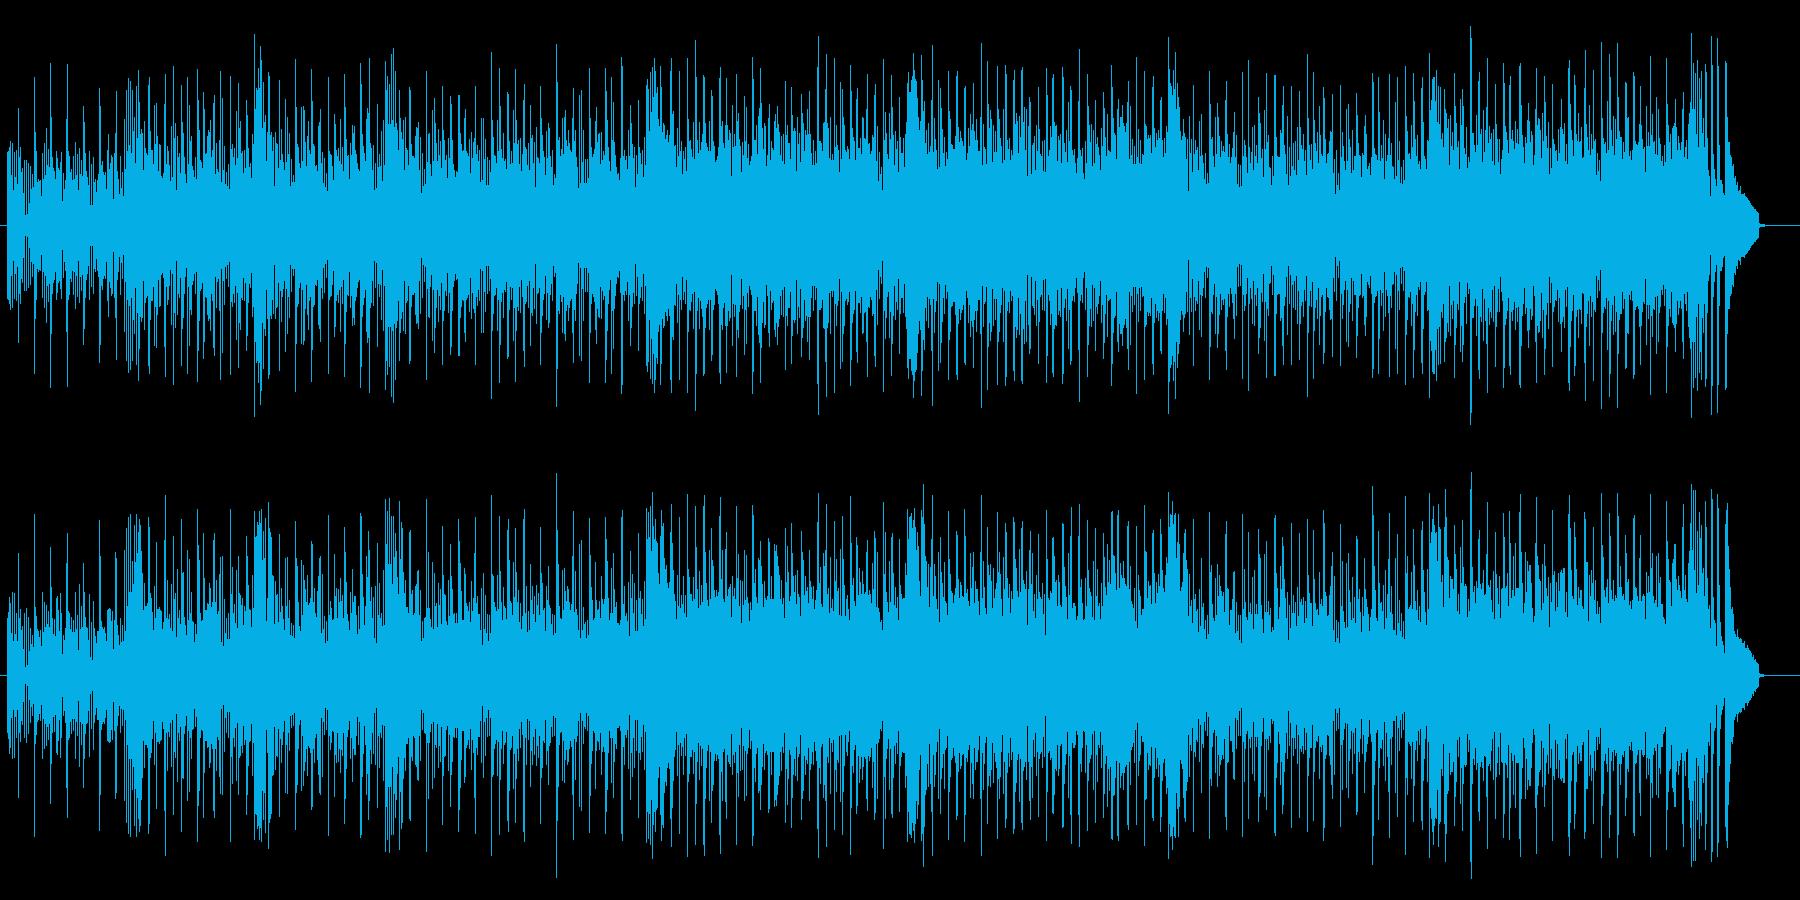 軽やかなコンピューターミュージックの再生済みの波形